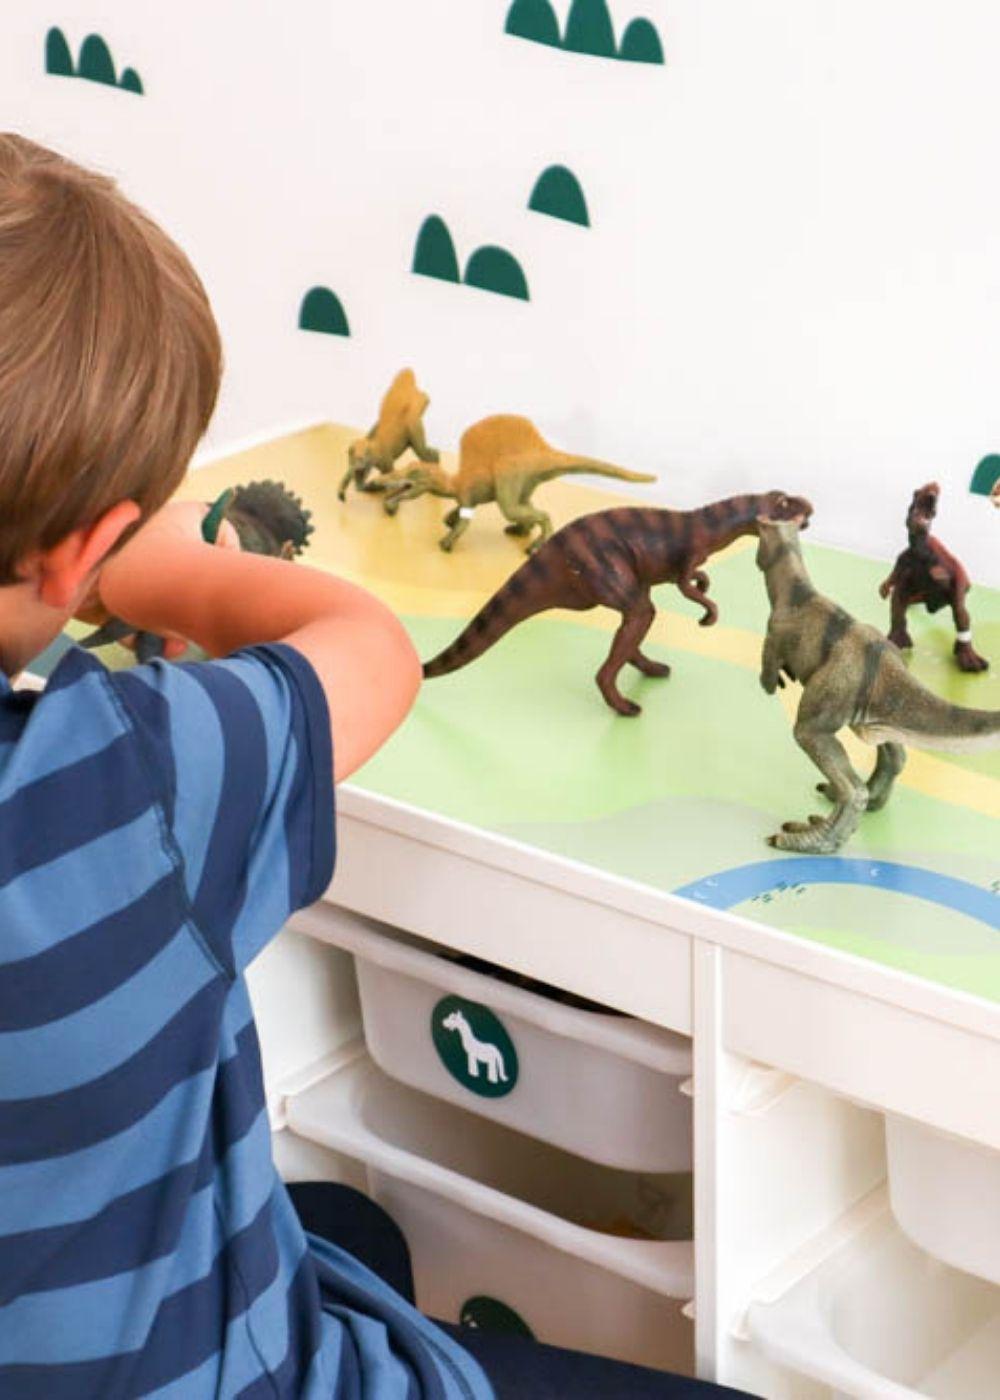 Spieltisch Ikea Kinderzimmer Dinosaurier